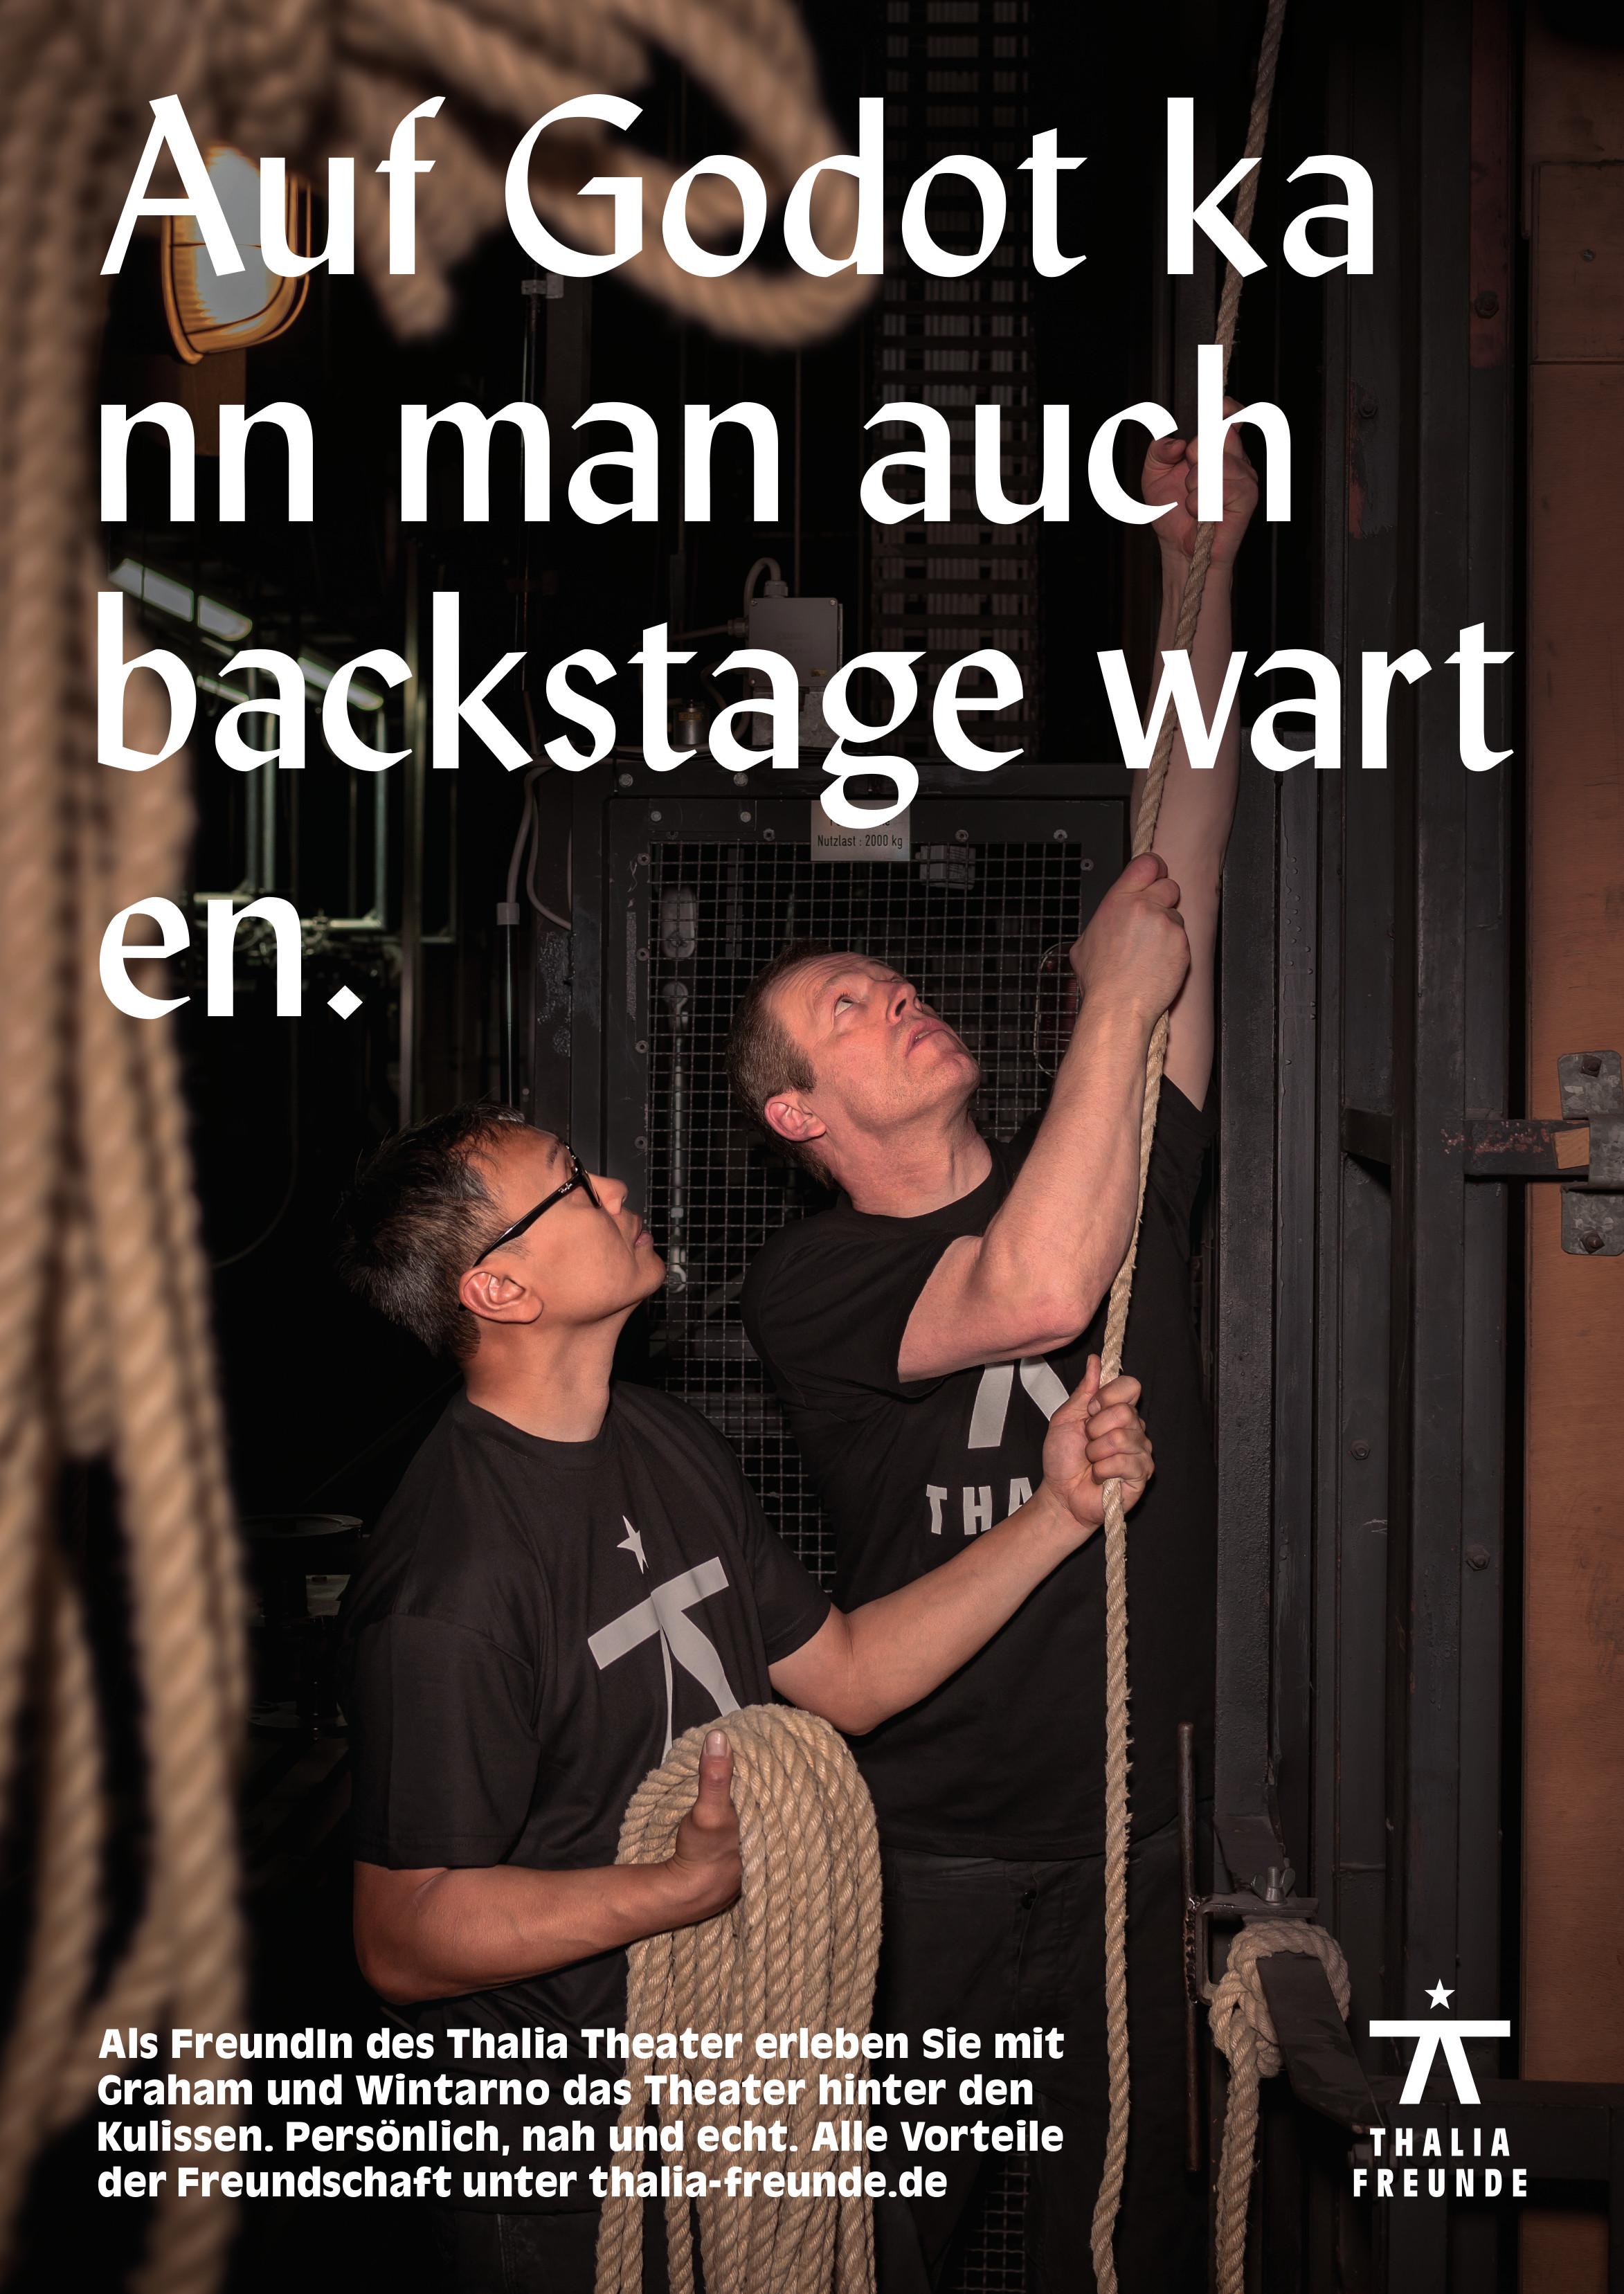 Graham und Wintarno sind für die Bühnentechnik im Großen Haus zuständig. Tatkräftig und schwindelfrei sorgen sie dafür, dass jede Aufführung gelingt.